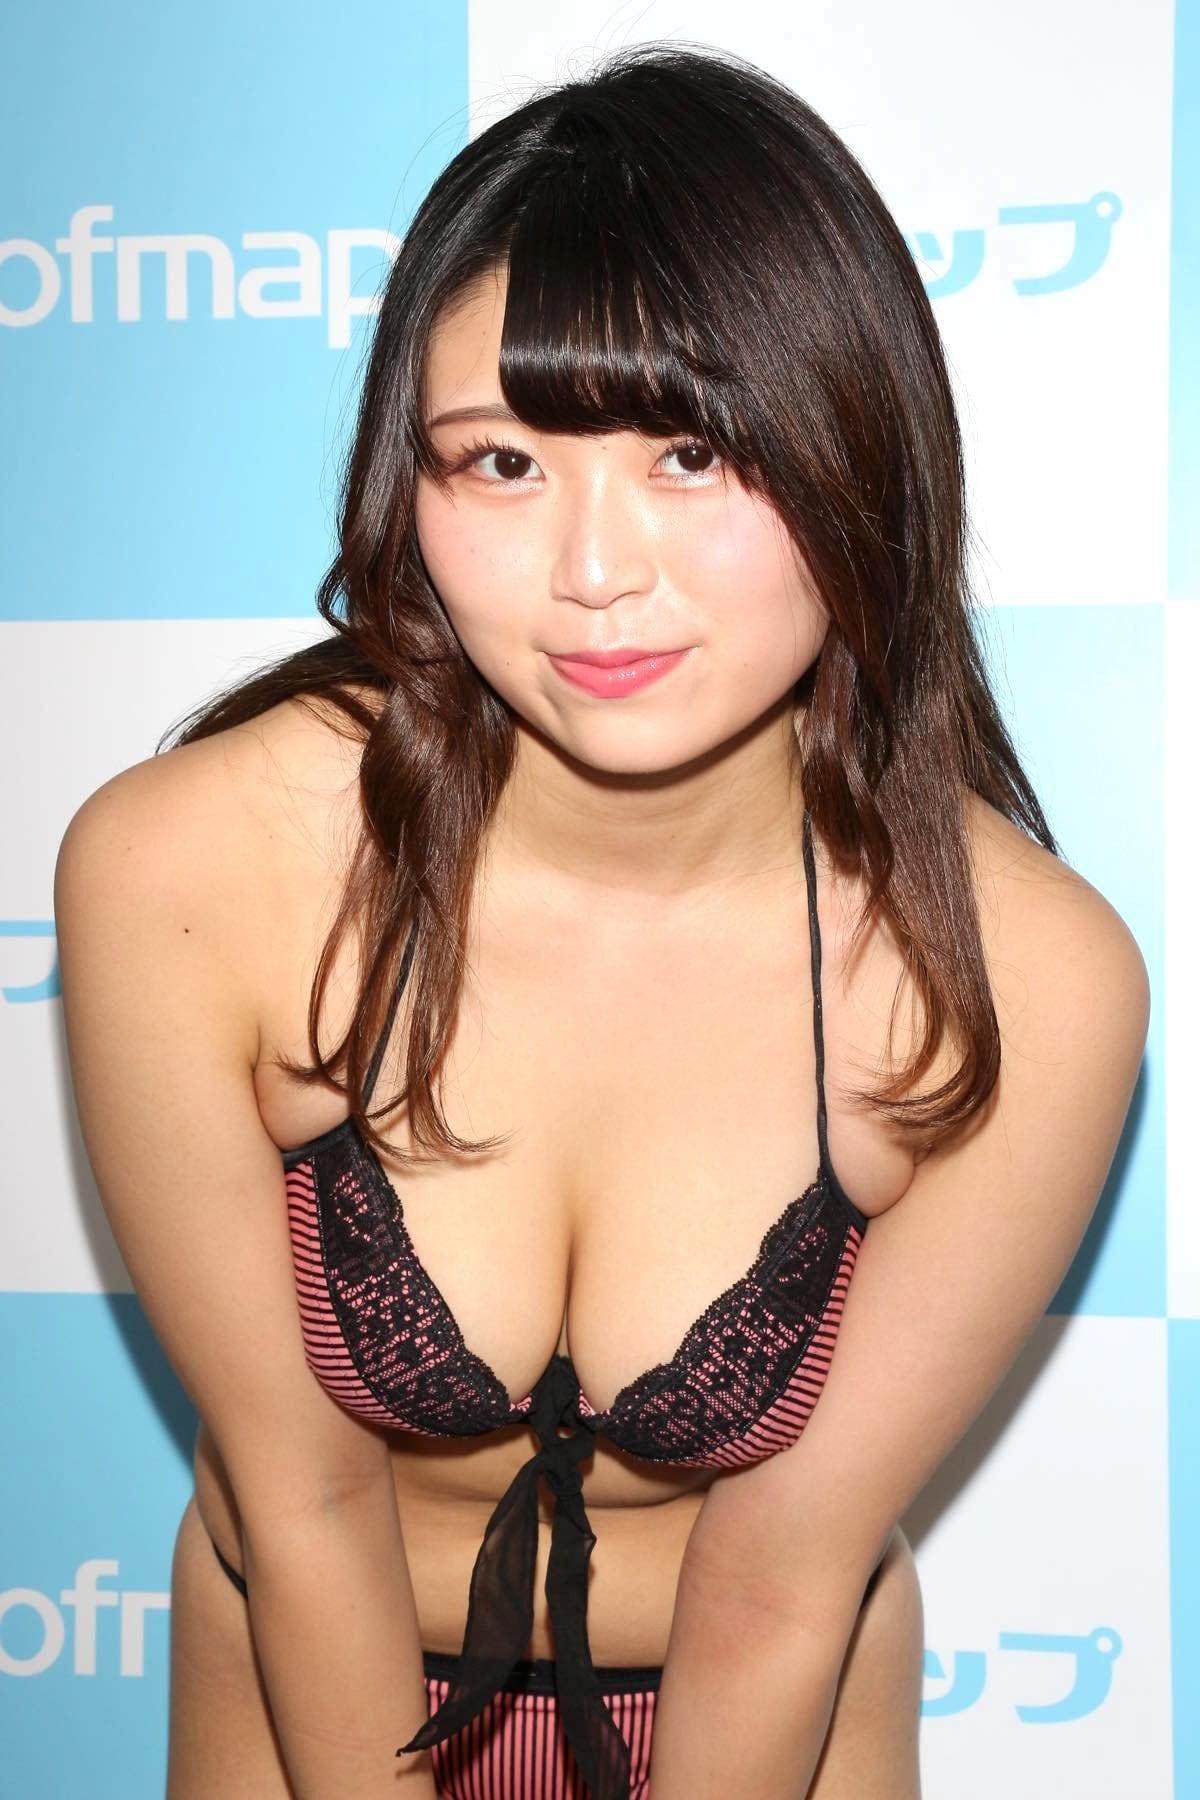 芦屋芽依のグラビア水着ビキニ画像0026